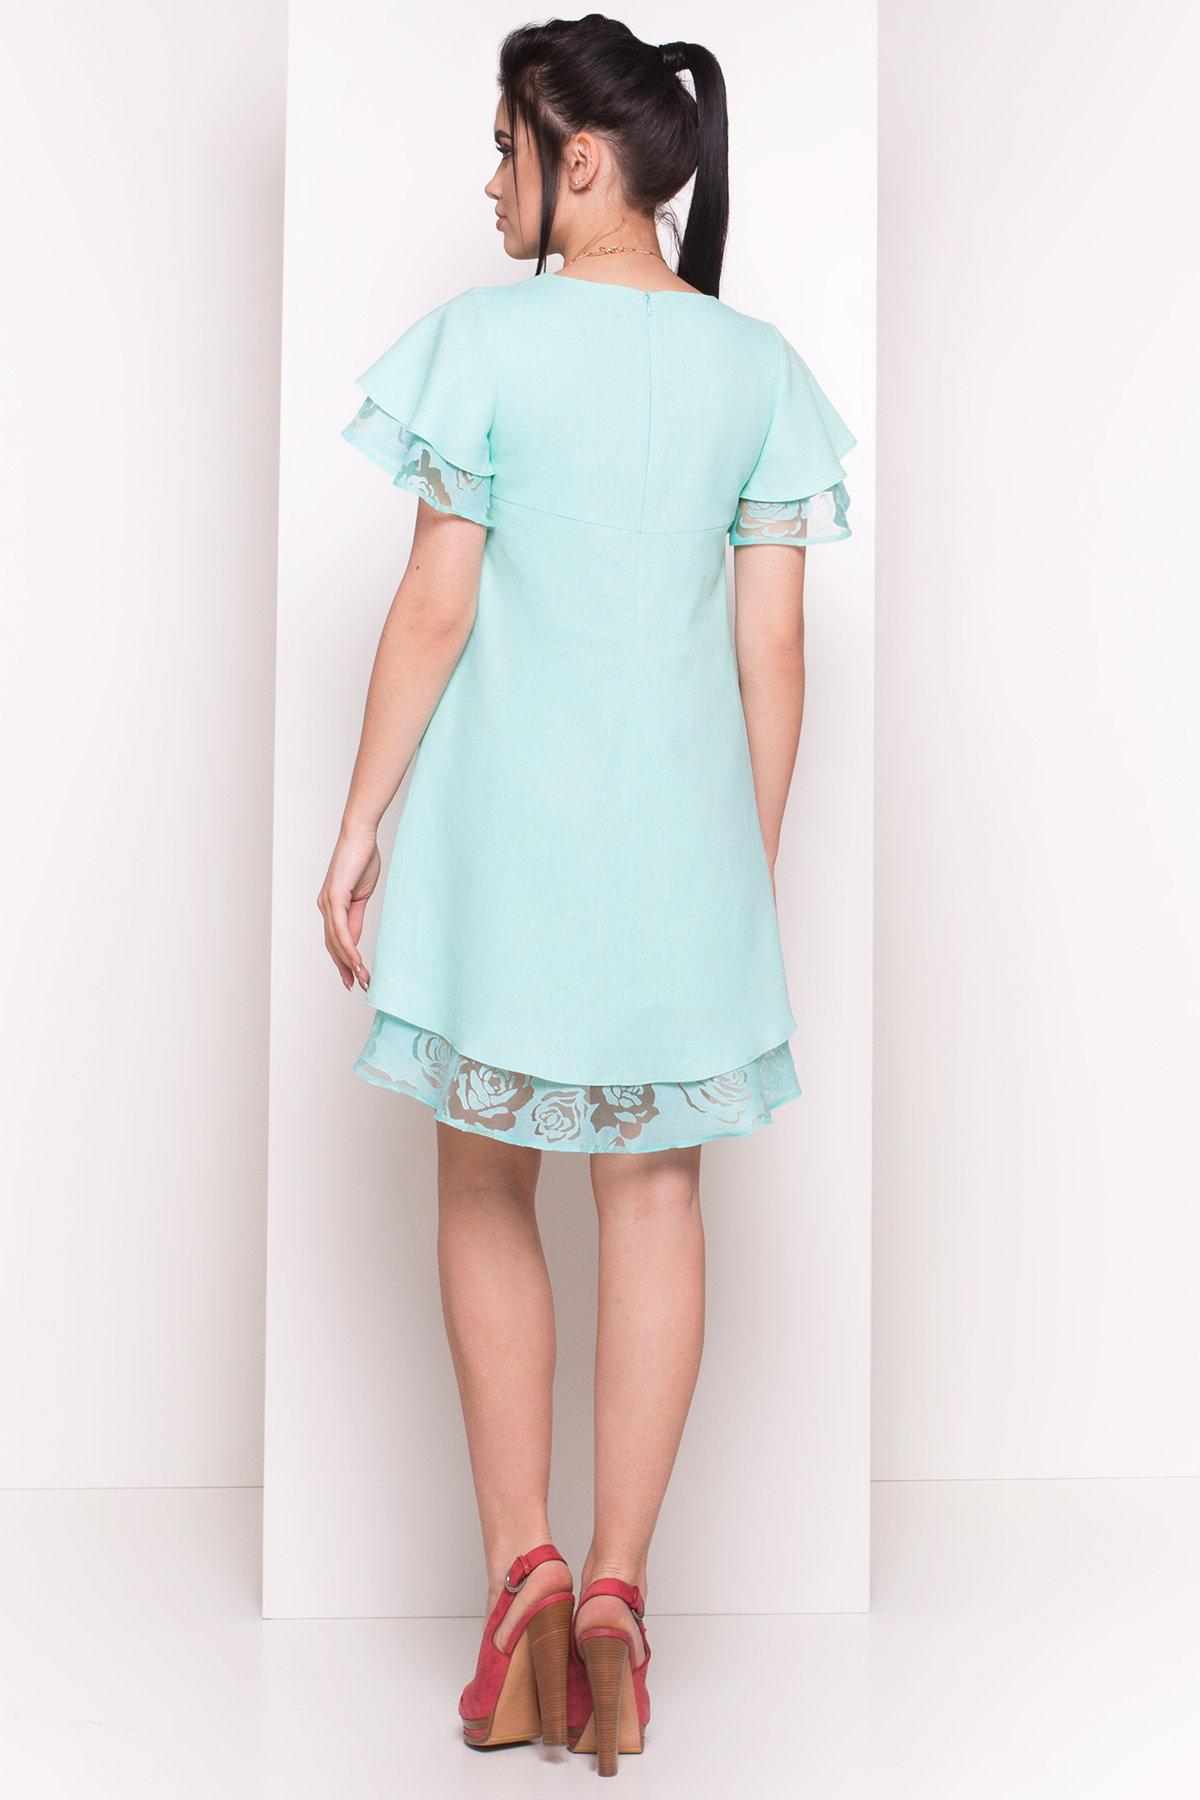 Платье Романтик 4831 АРТ. 34357 Цвет: Мята - фото 2, интернет магазин tm-modus.ru